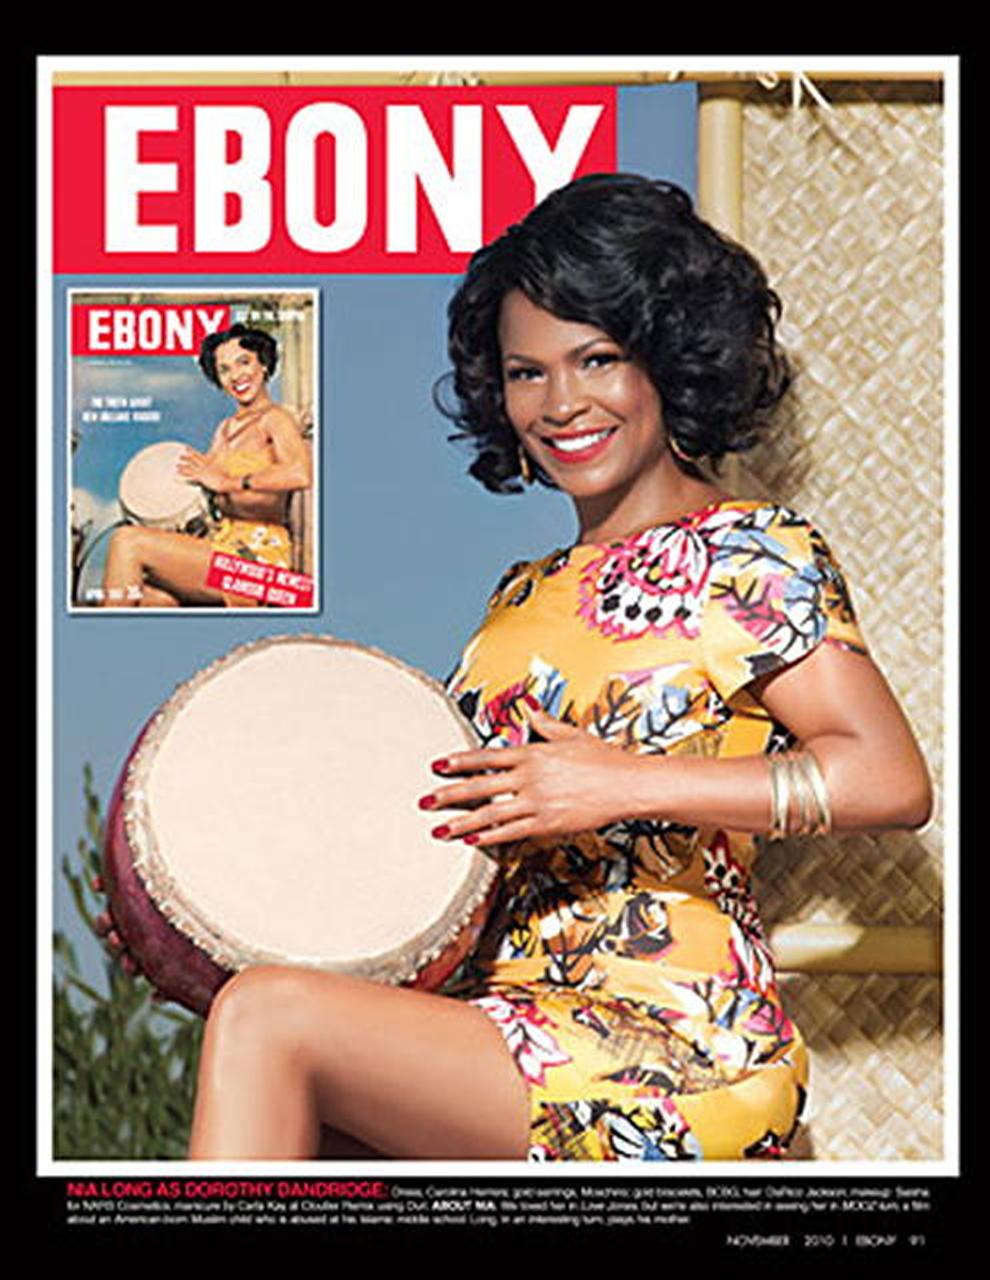 Carmen jones ebony